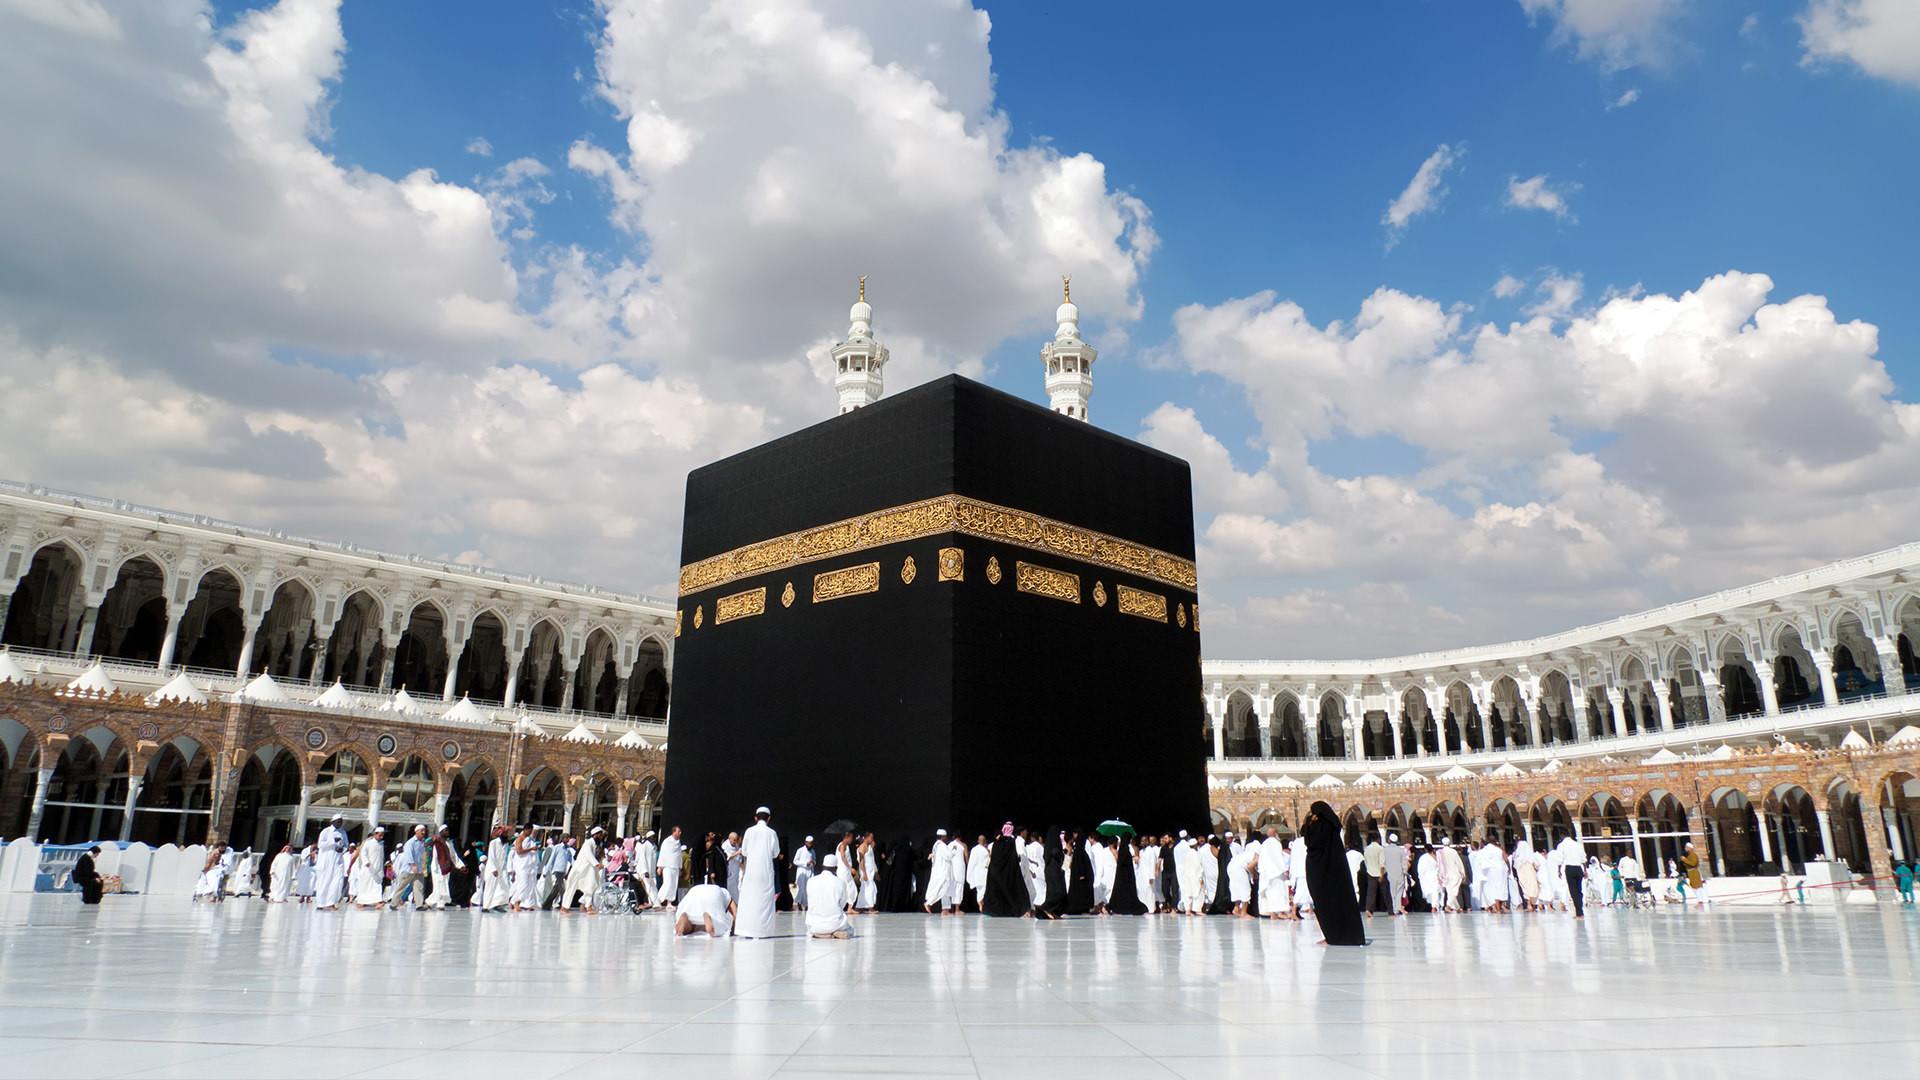 Саудовская Аравия дает разрешение на поэтапное открытие Умры.